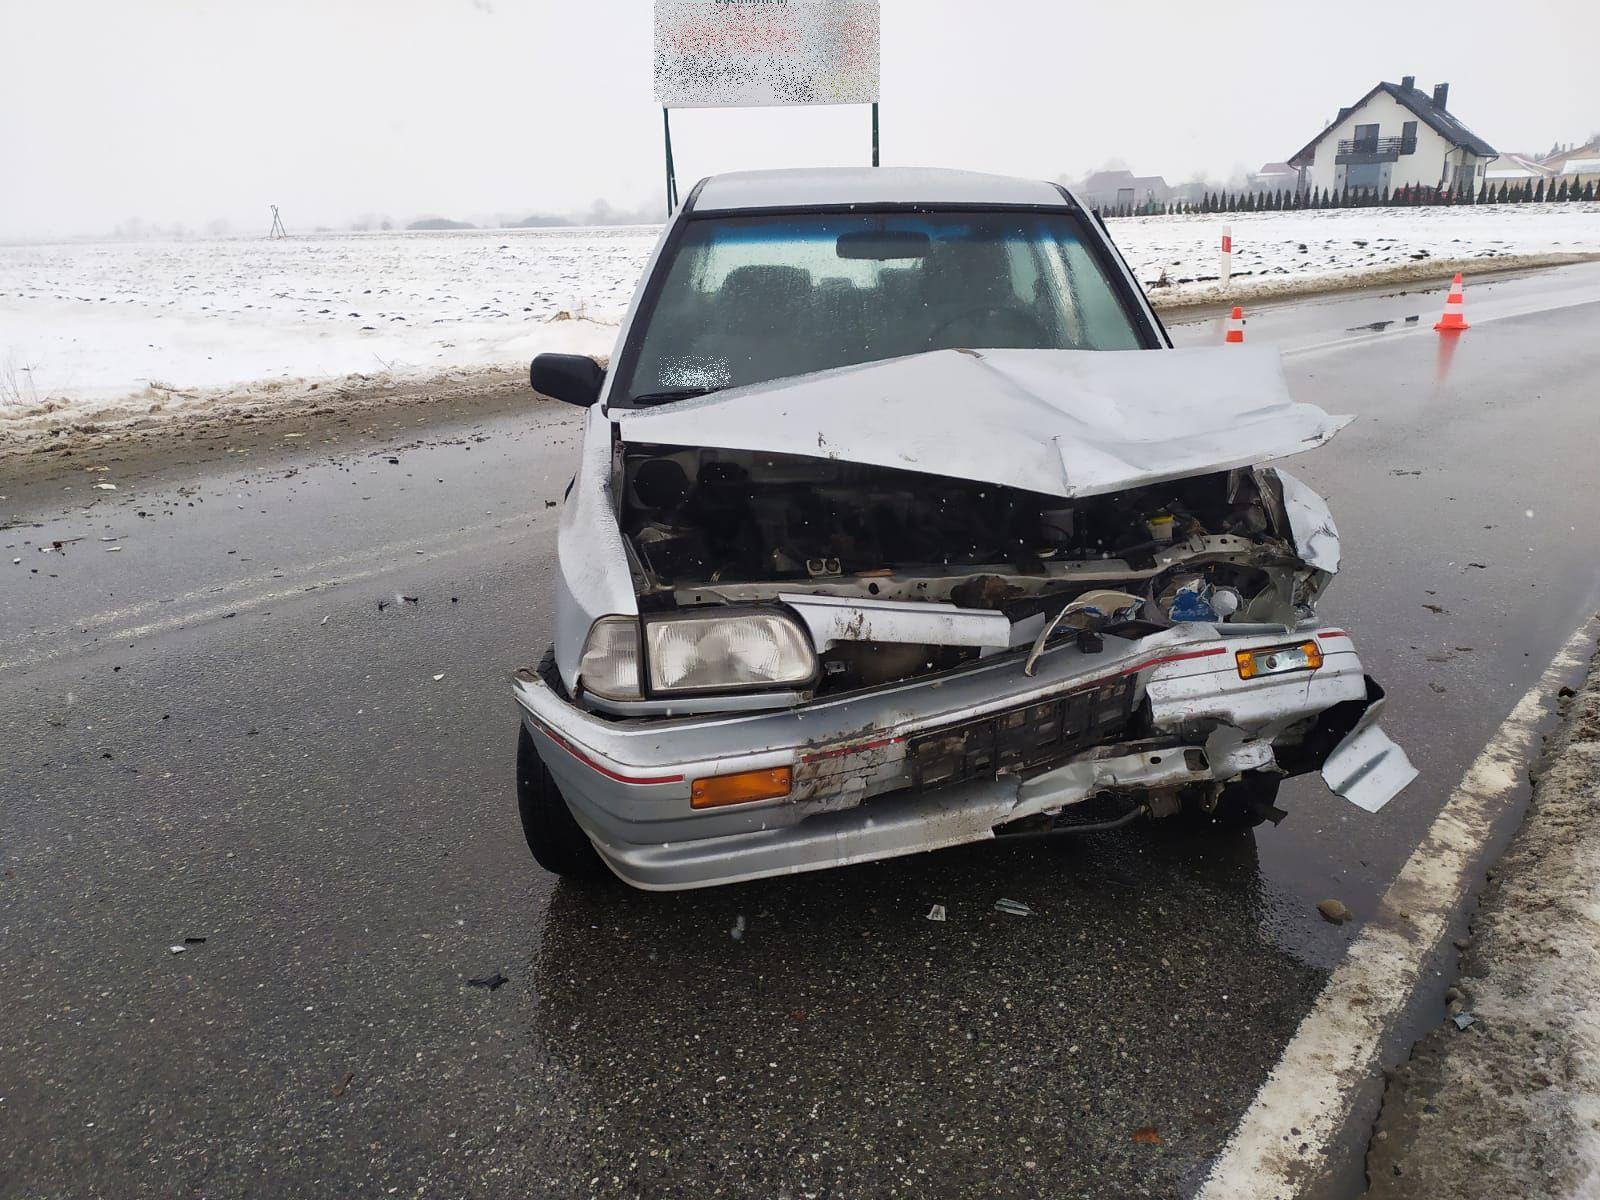 19-latek stracił panowanie nad pojazdem i uderzył w ciężarówkę. Jest w szpitalu! - Zdjęcie główne